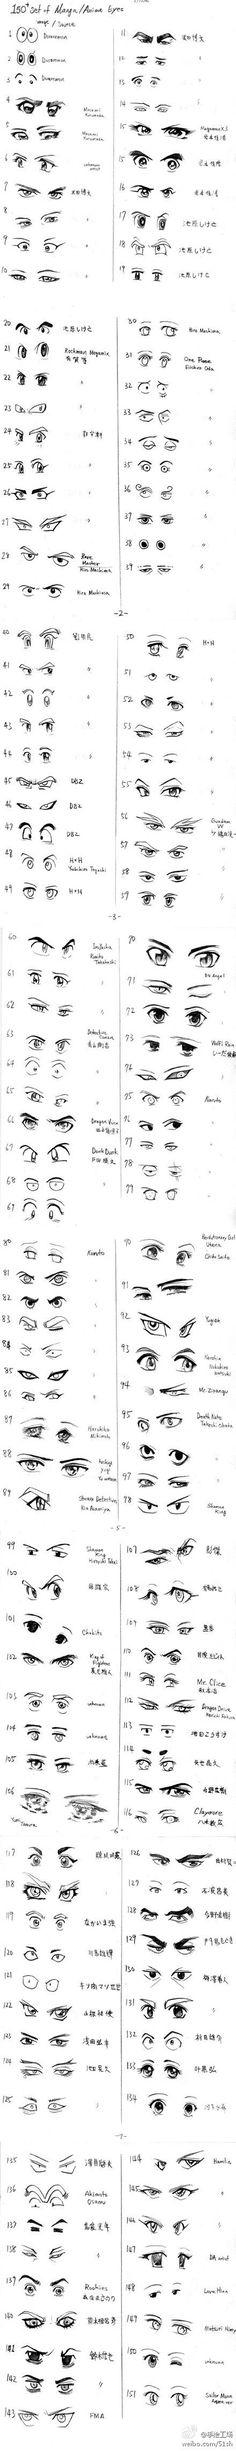 各种眼睛, How to Draw Manga People,Resources for Art Students / Art School Portfolio @ CAPI ::: Create Art Portfolio Ideas at milliande.com , How to Draw Manga Figures, Whimsical Human Figure, Sketch, Draw, Manga, Anime: